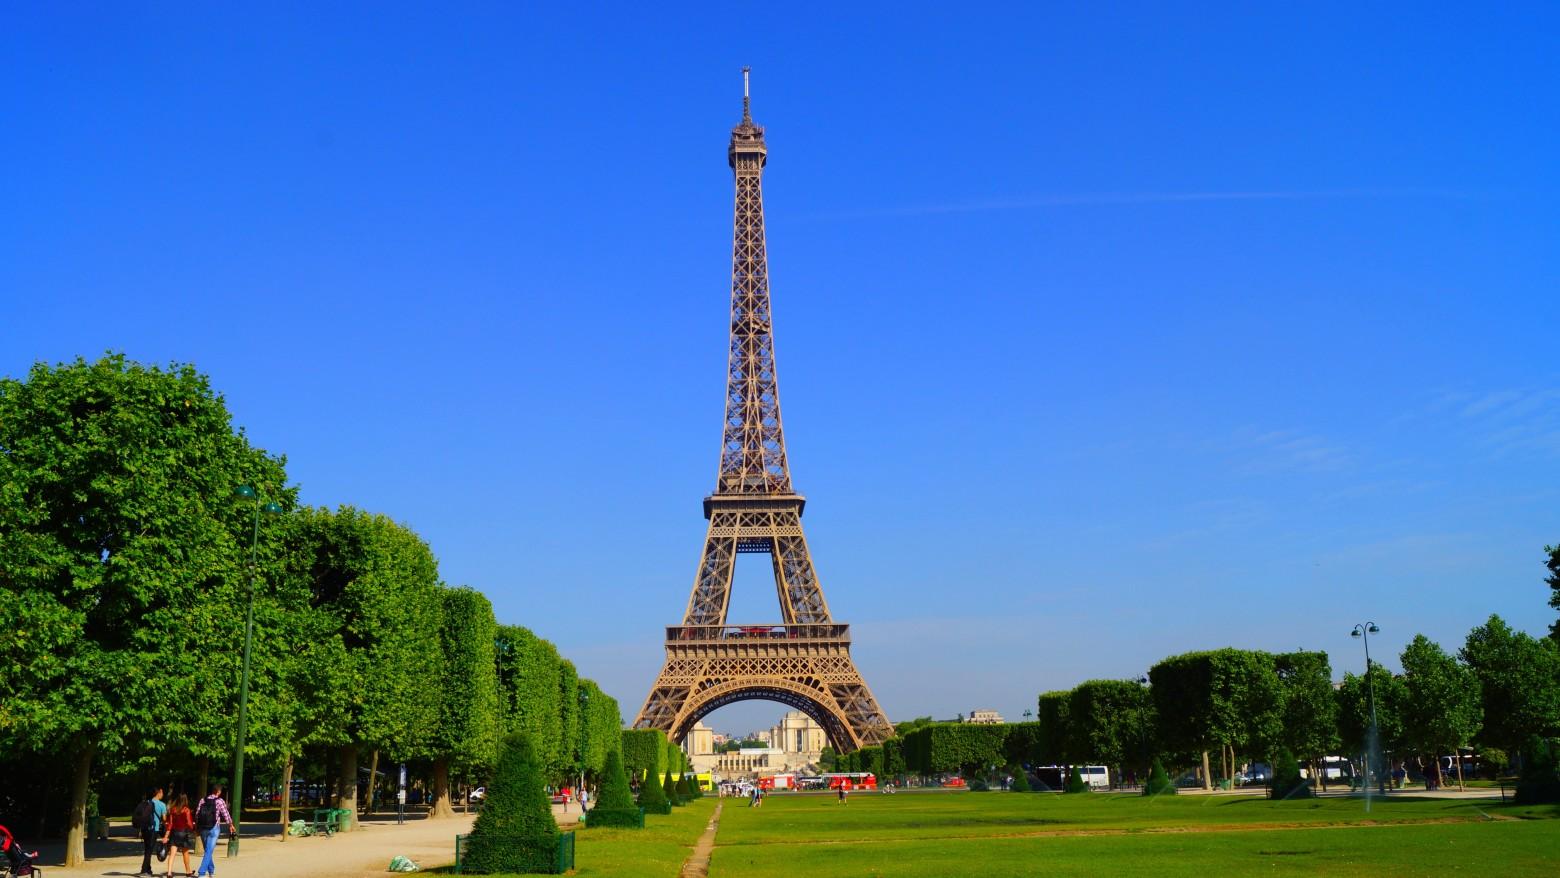 La tour eiffel paris france images gratuites et libres - Tour eiffel photos gratuites ...